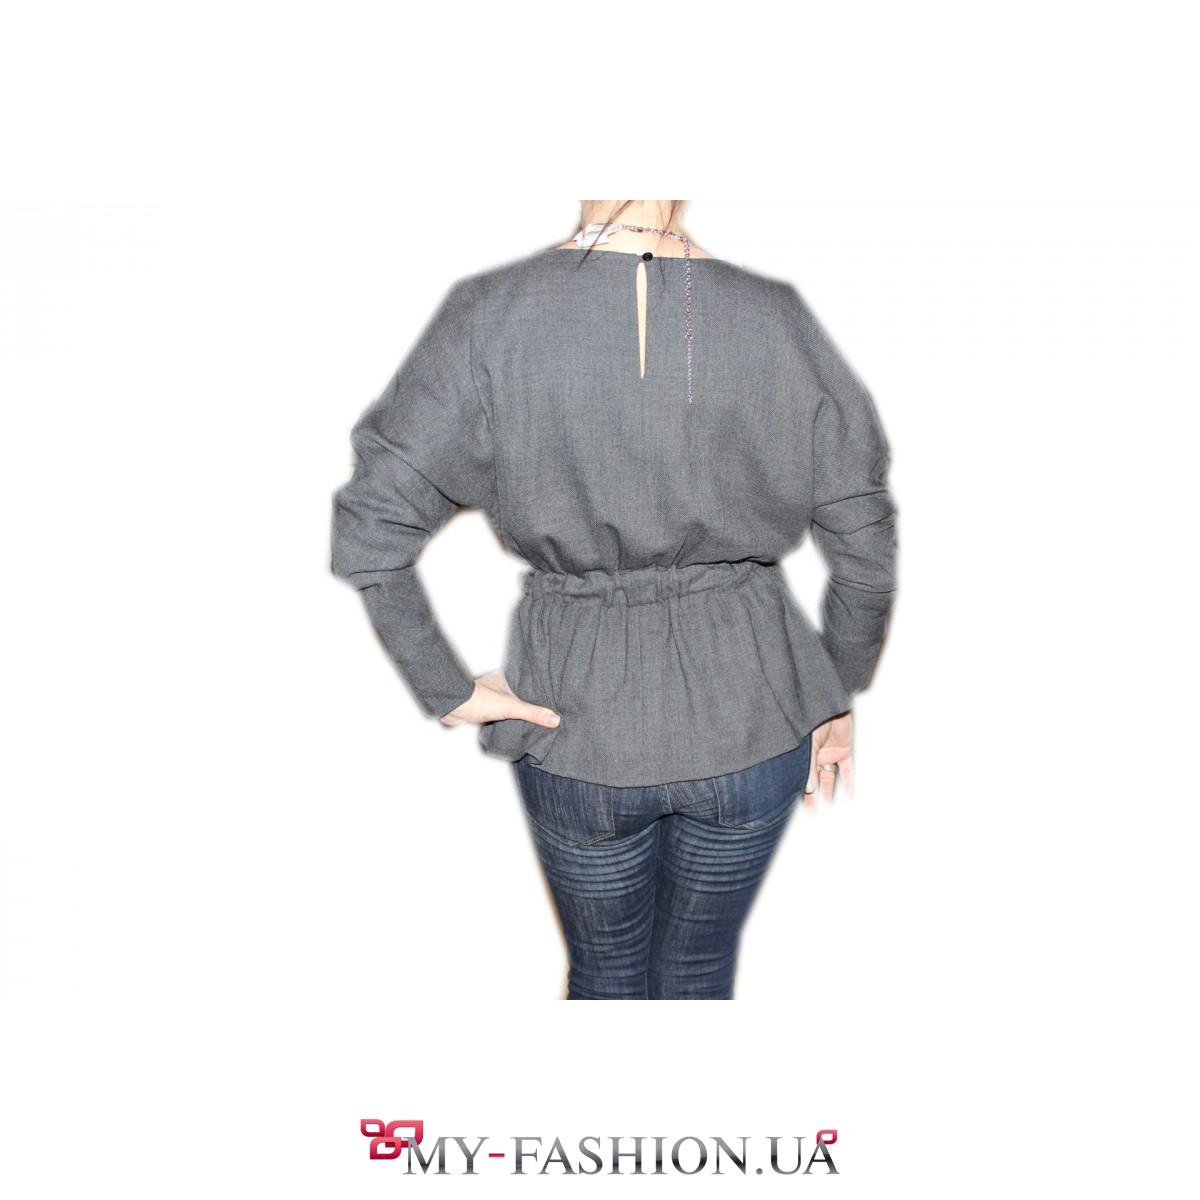 Оригинальные блузки с доставкой